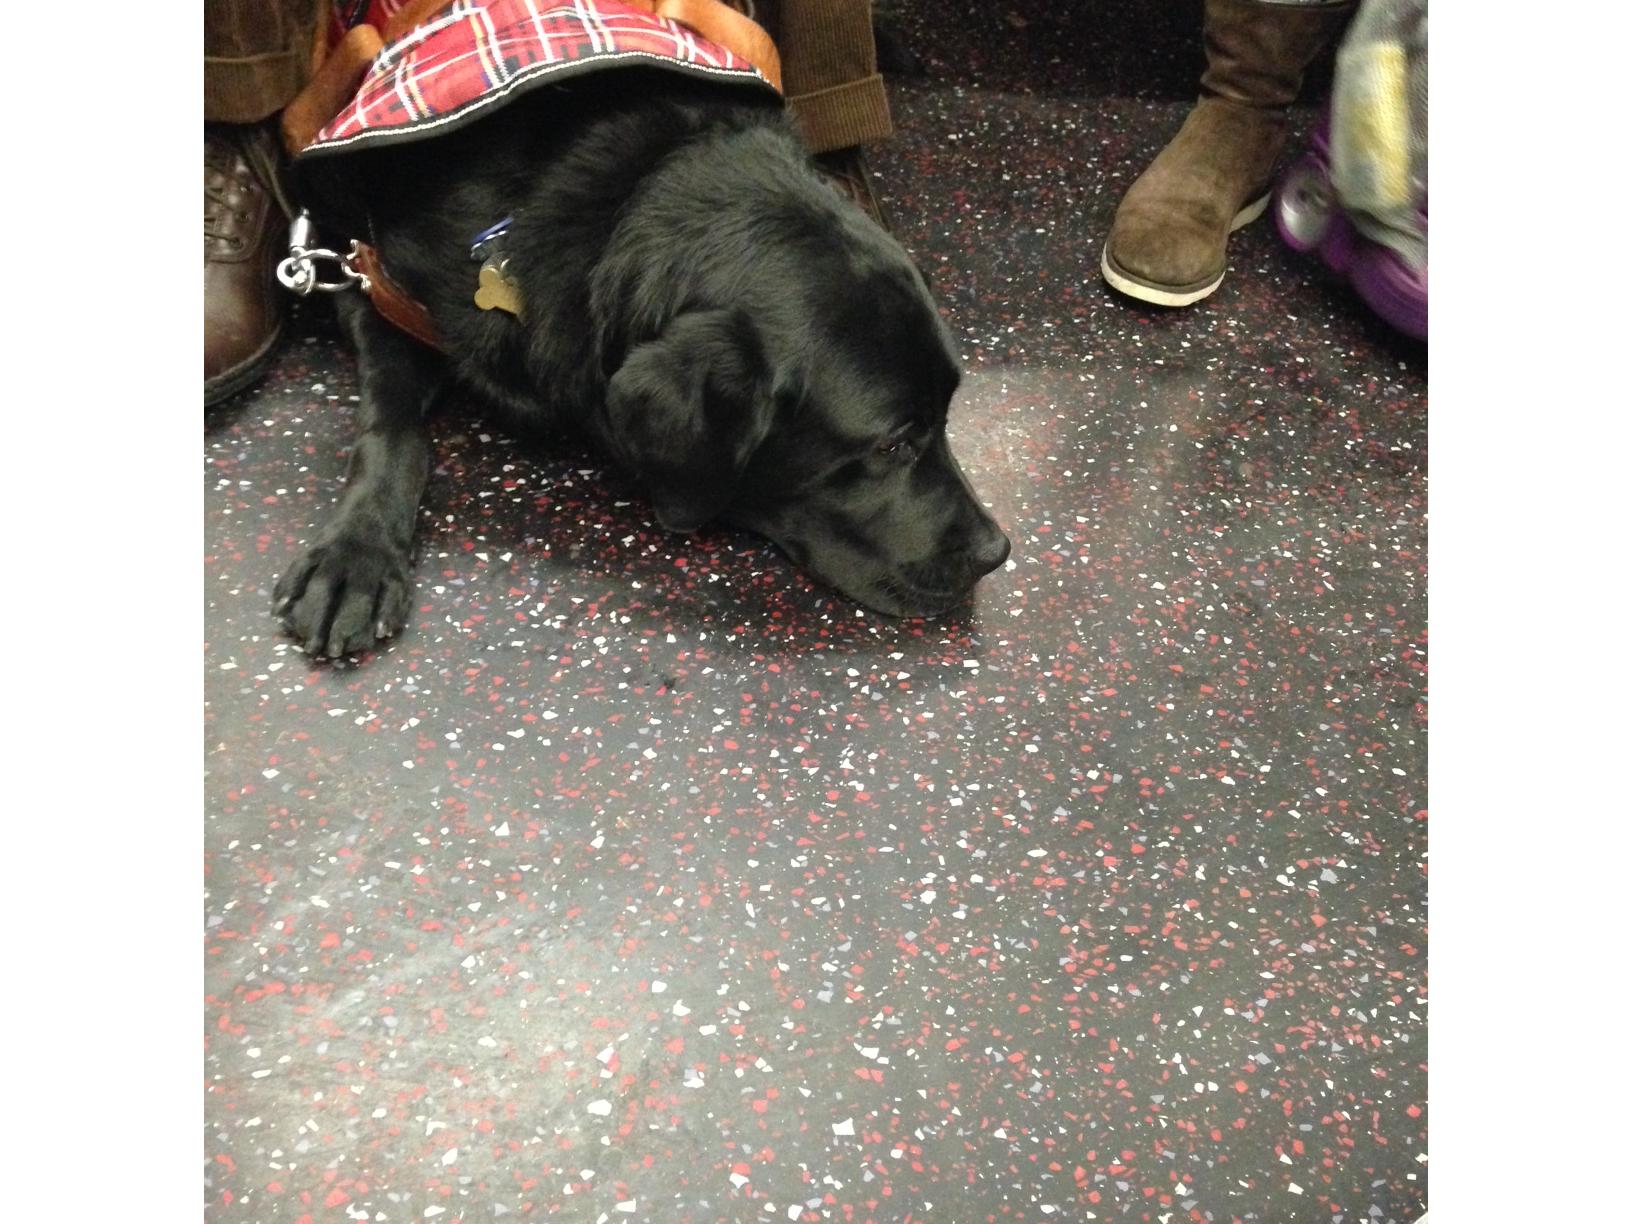 sad service dog